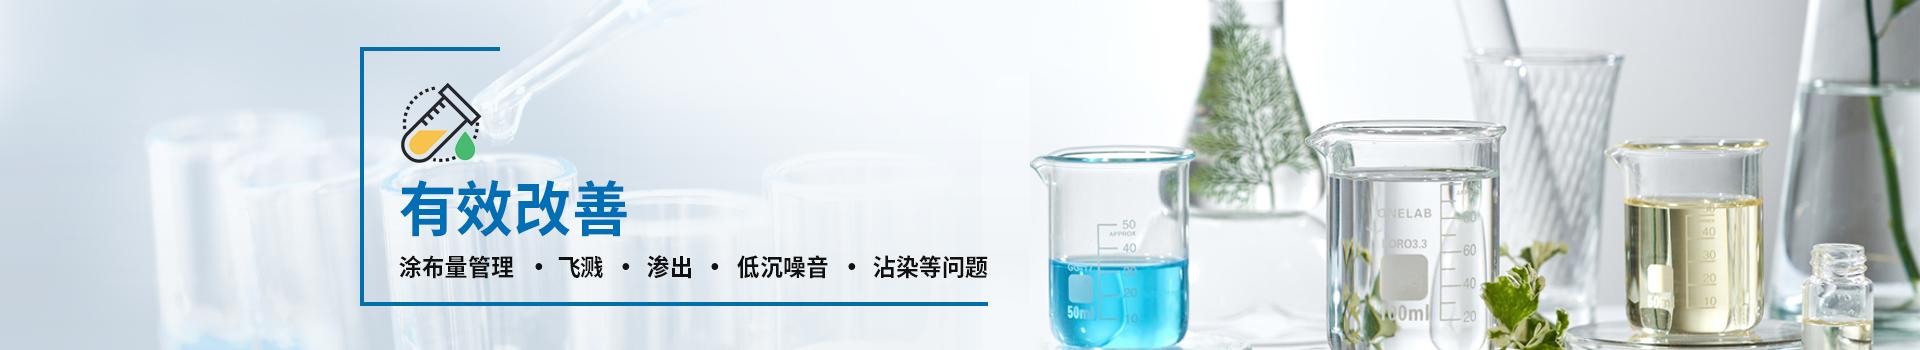 隽仕达速干型润滑剂:有效改善涂布量管理、飞溅、渗出、低沉噪音、沾染等问题